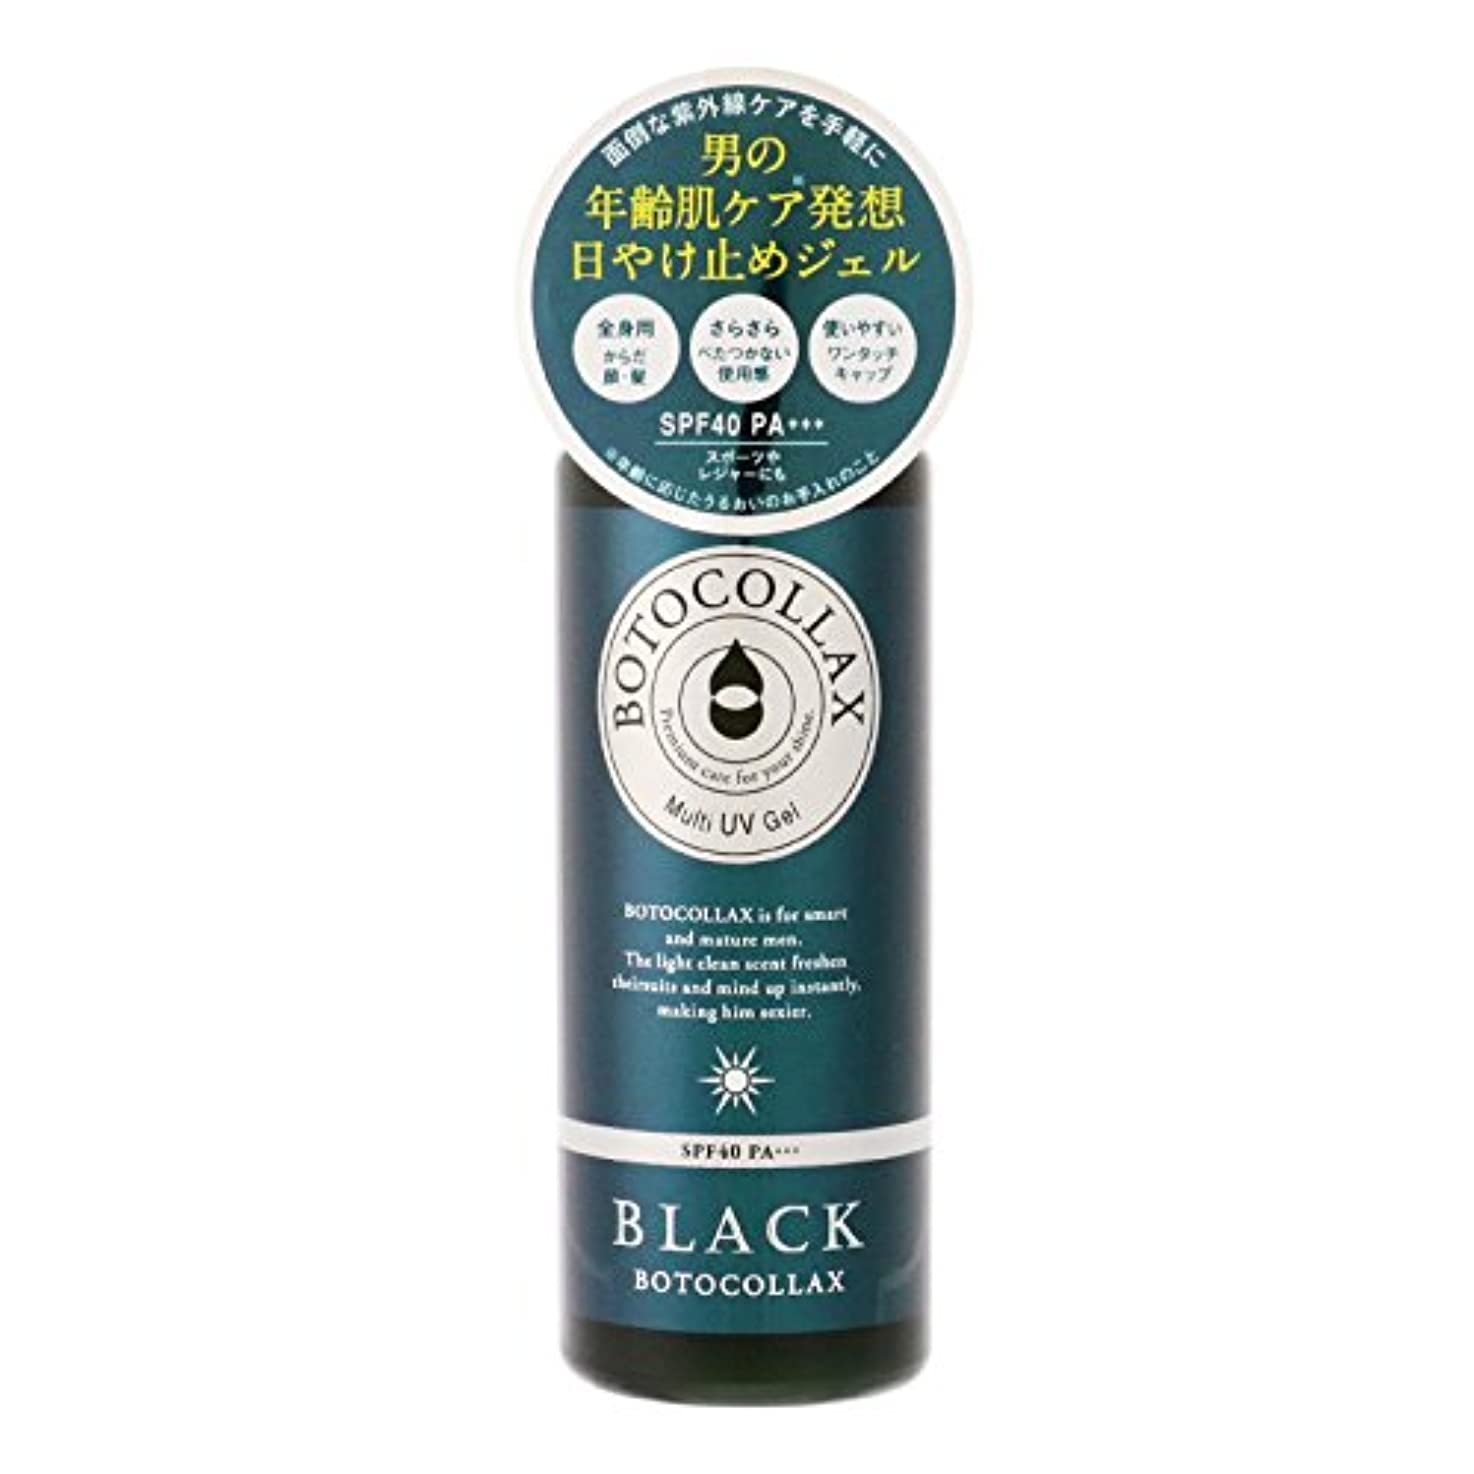 法王リビジョンアヒルボトコラックスブラック オーシャン マルチUVジェル ベルガモットグリーンの香り 70g